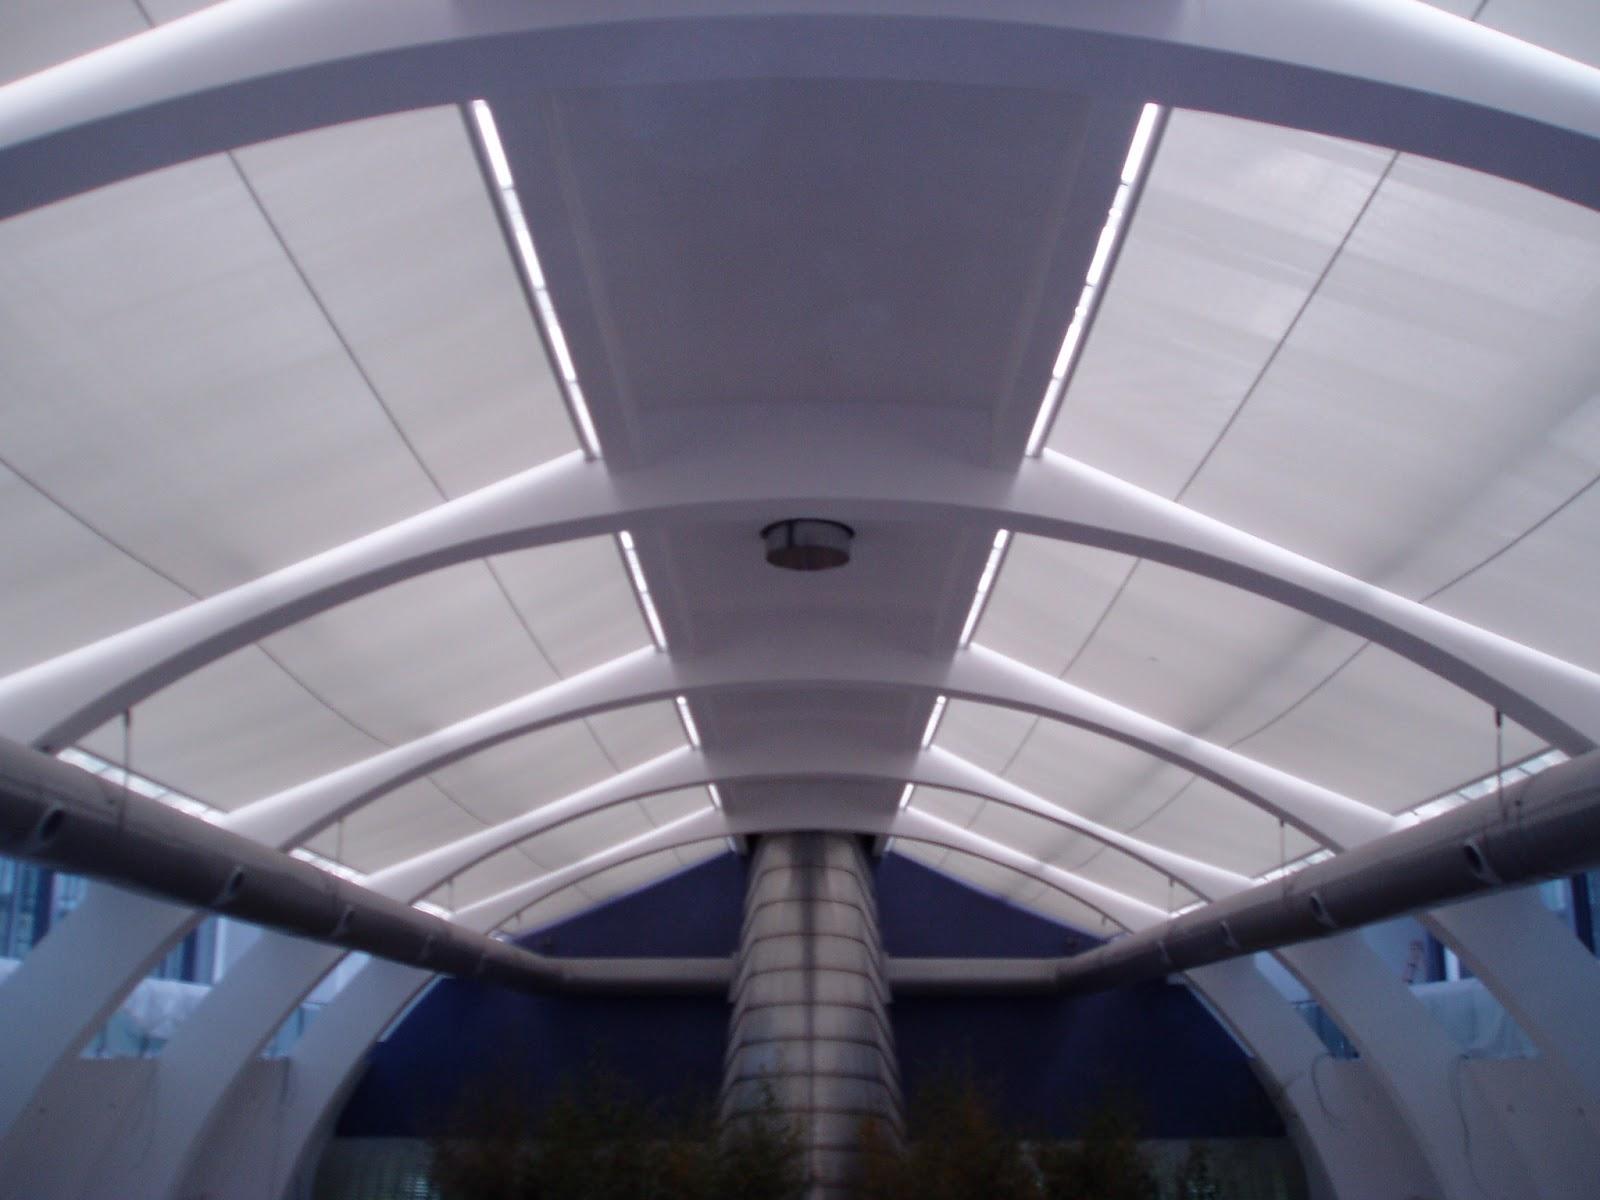 Terrazas climatizadas para hosteleria arquitectura textil - Textil para hosteleria ...